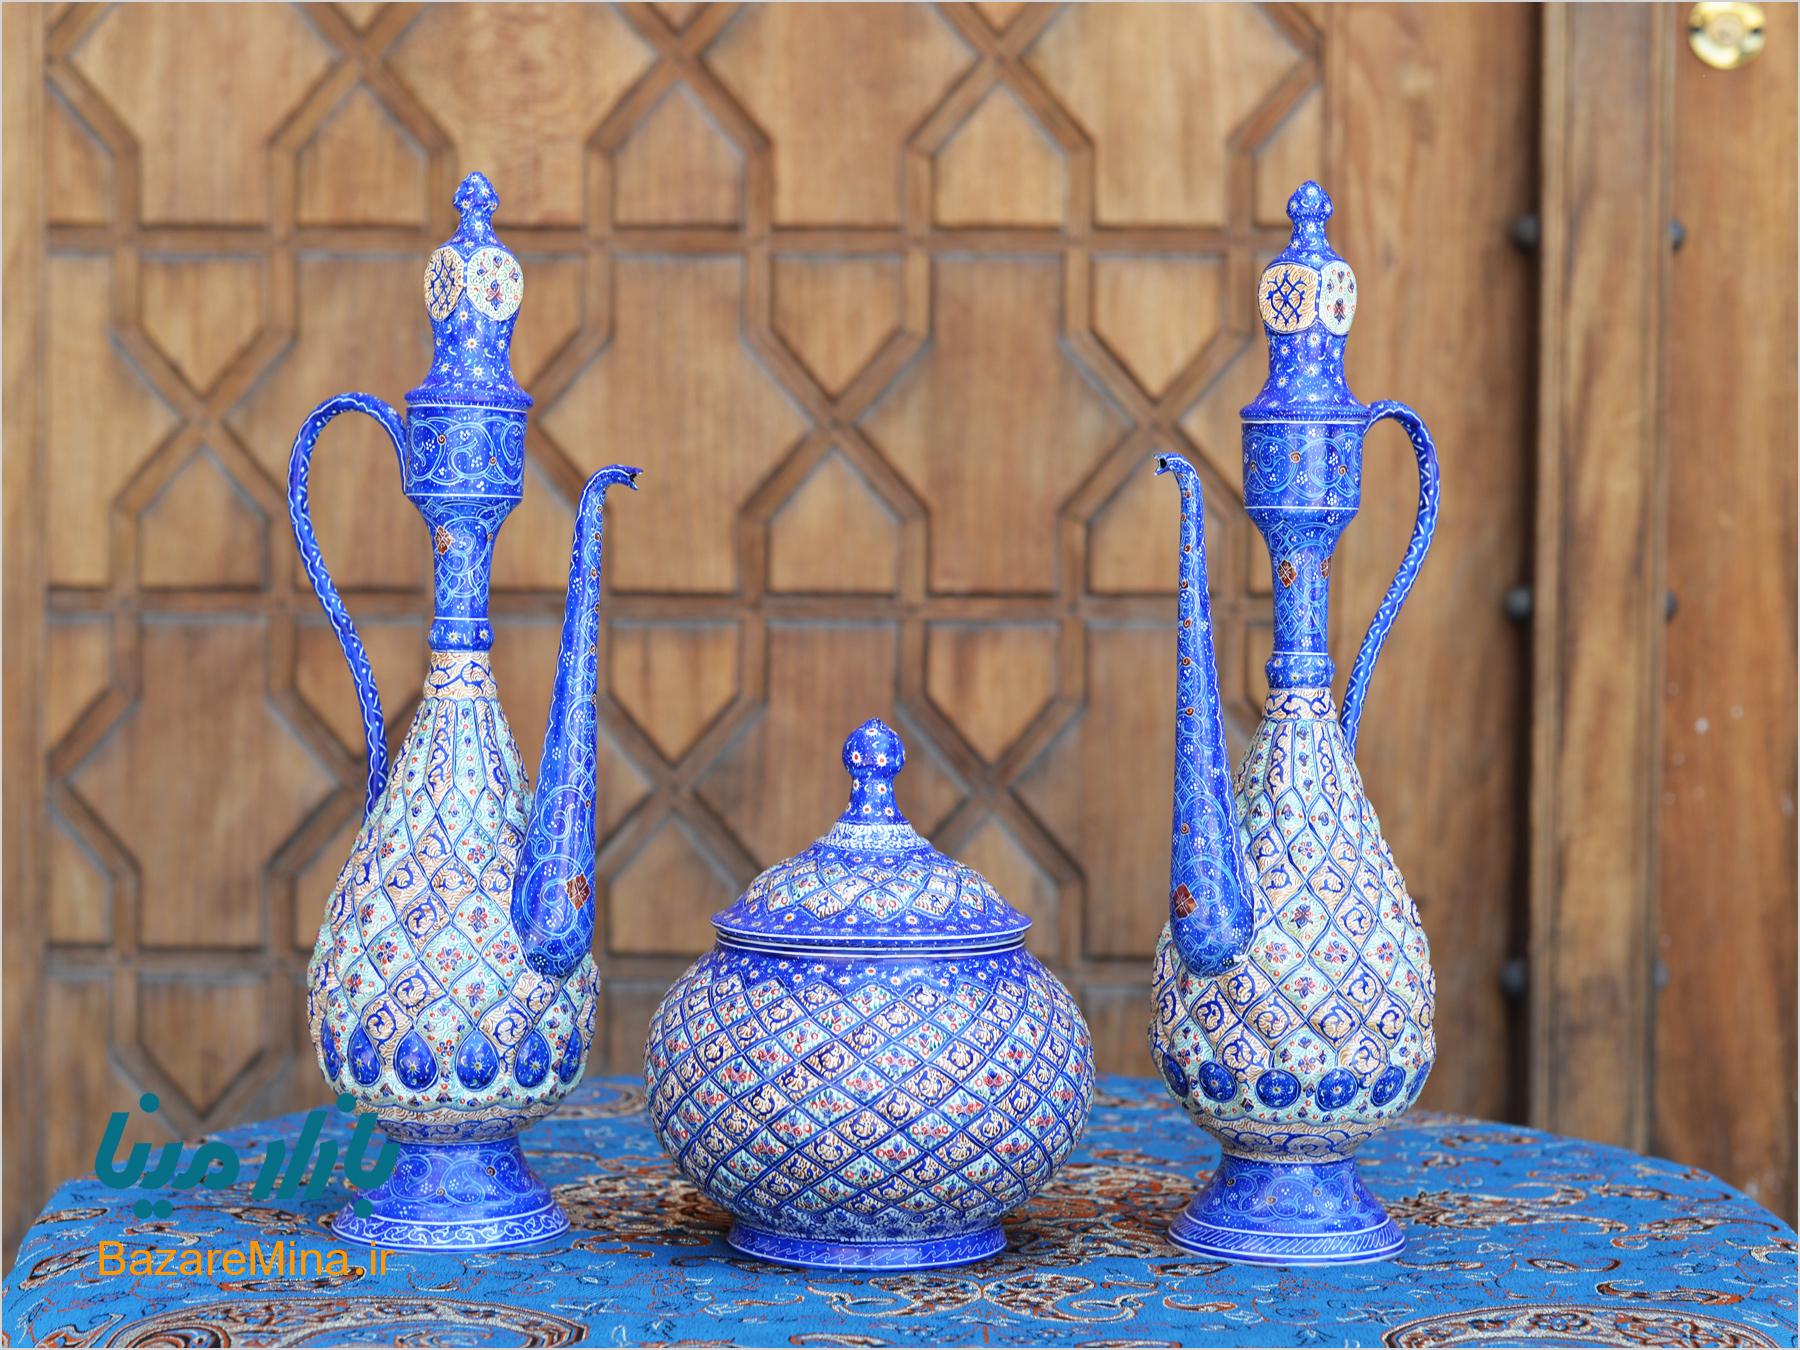 فروش صنایع دستی اصفهان در تهران